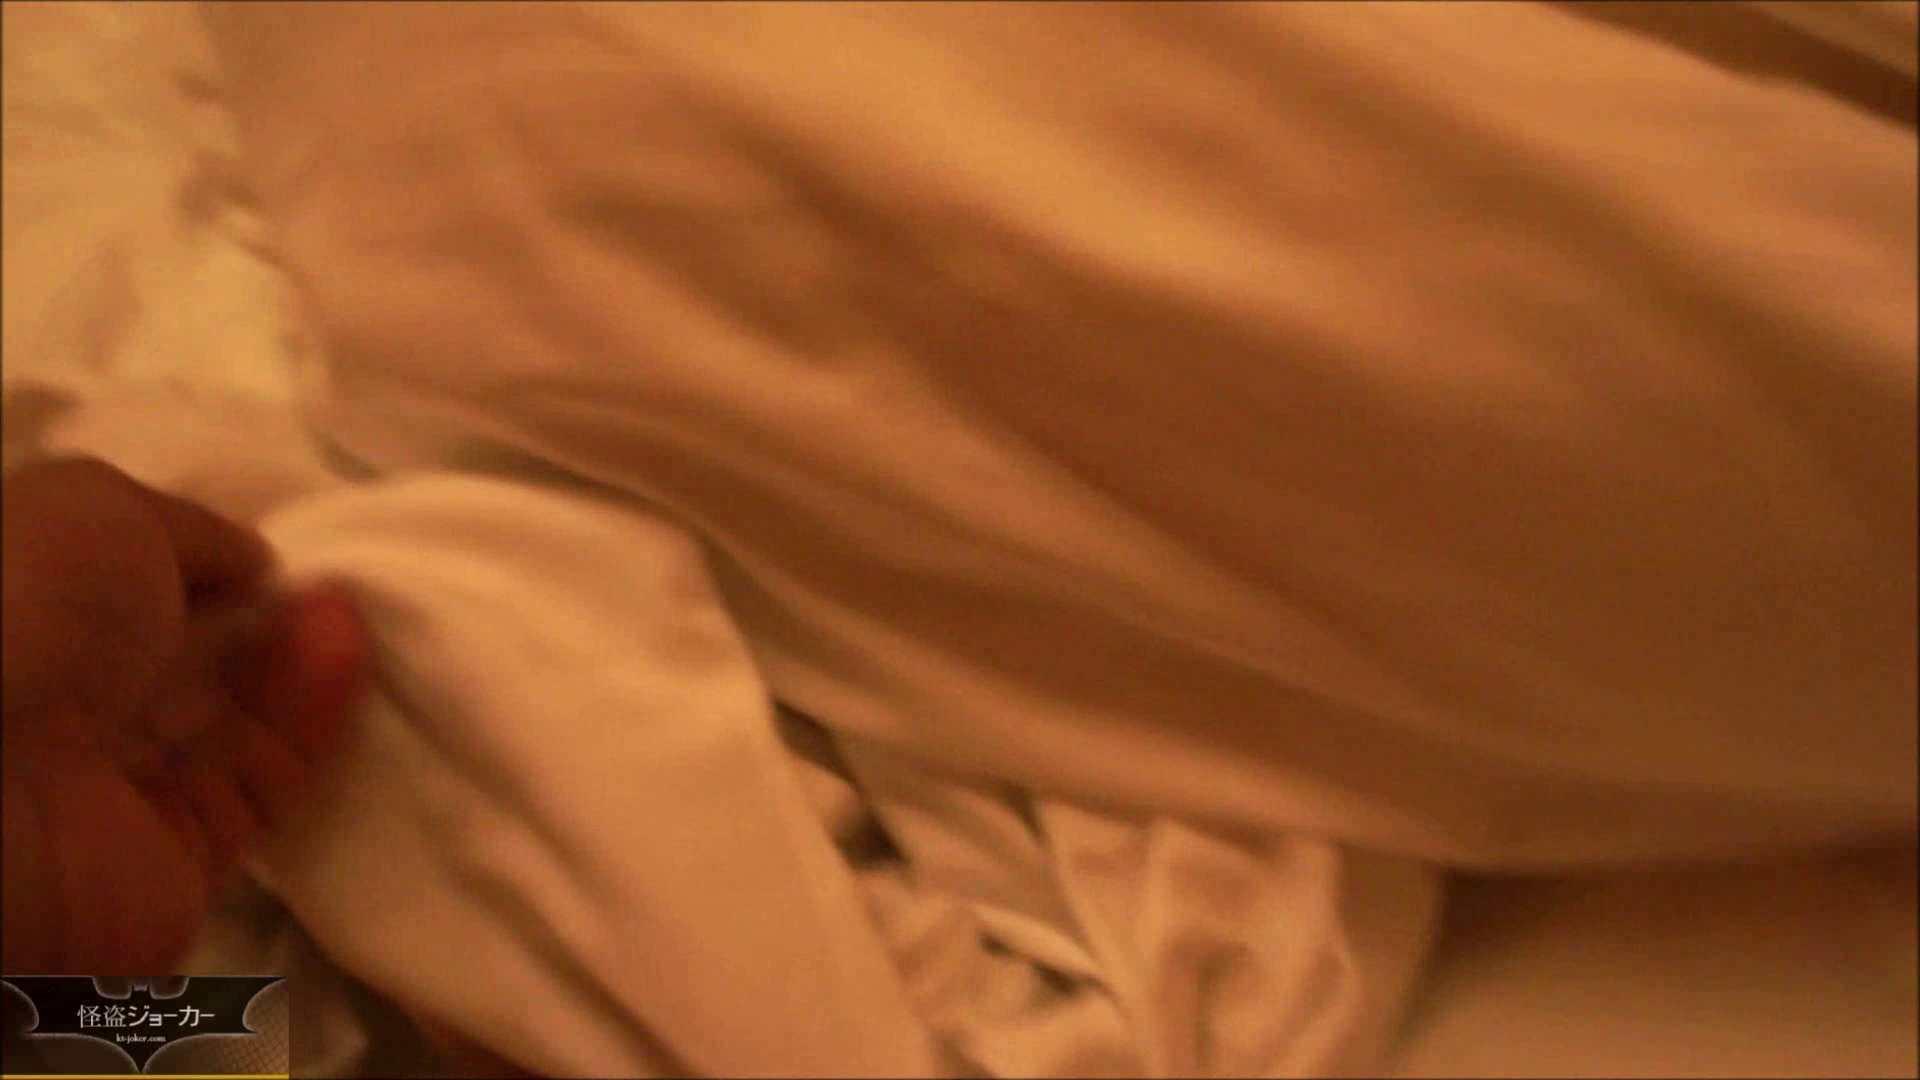 【未公開】vol.31 朋葉を目民り姫にして味比べ・・・ OLハメ撮り  87Pix 36